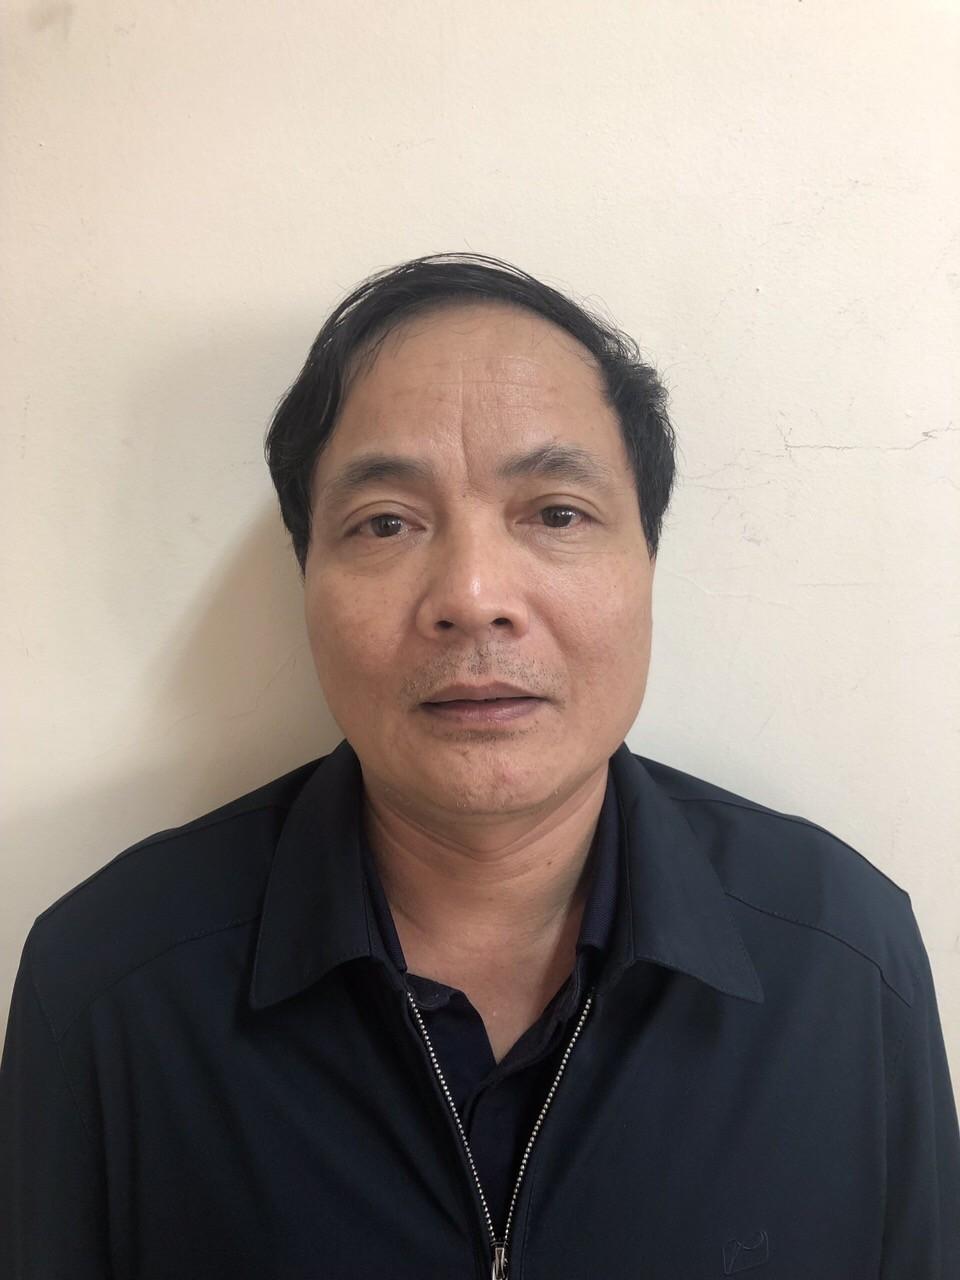 Khởi tố, bắt giam nguyên Chủ tịch BIDV Trần Bắc Hà - ảnh 3